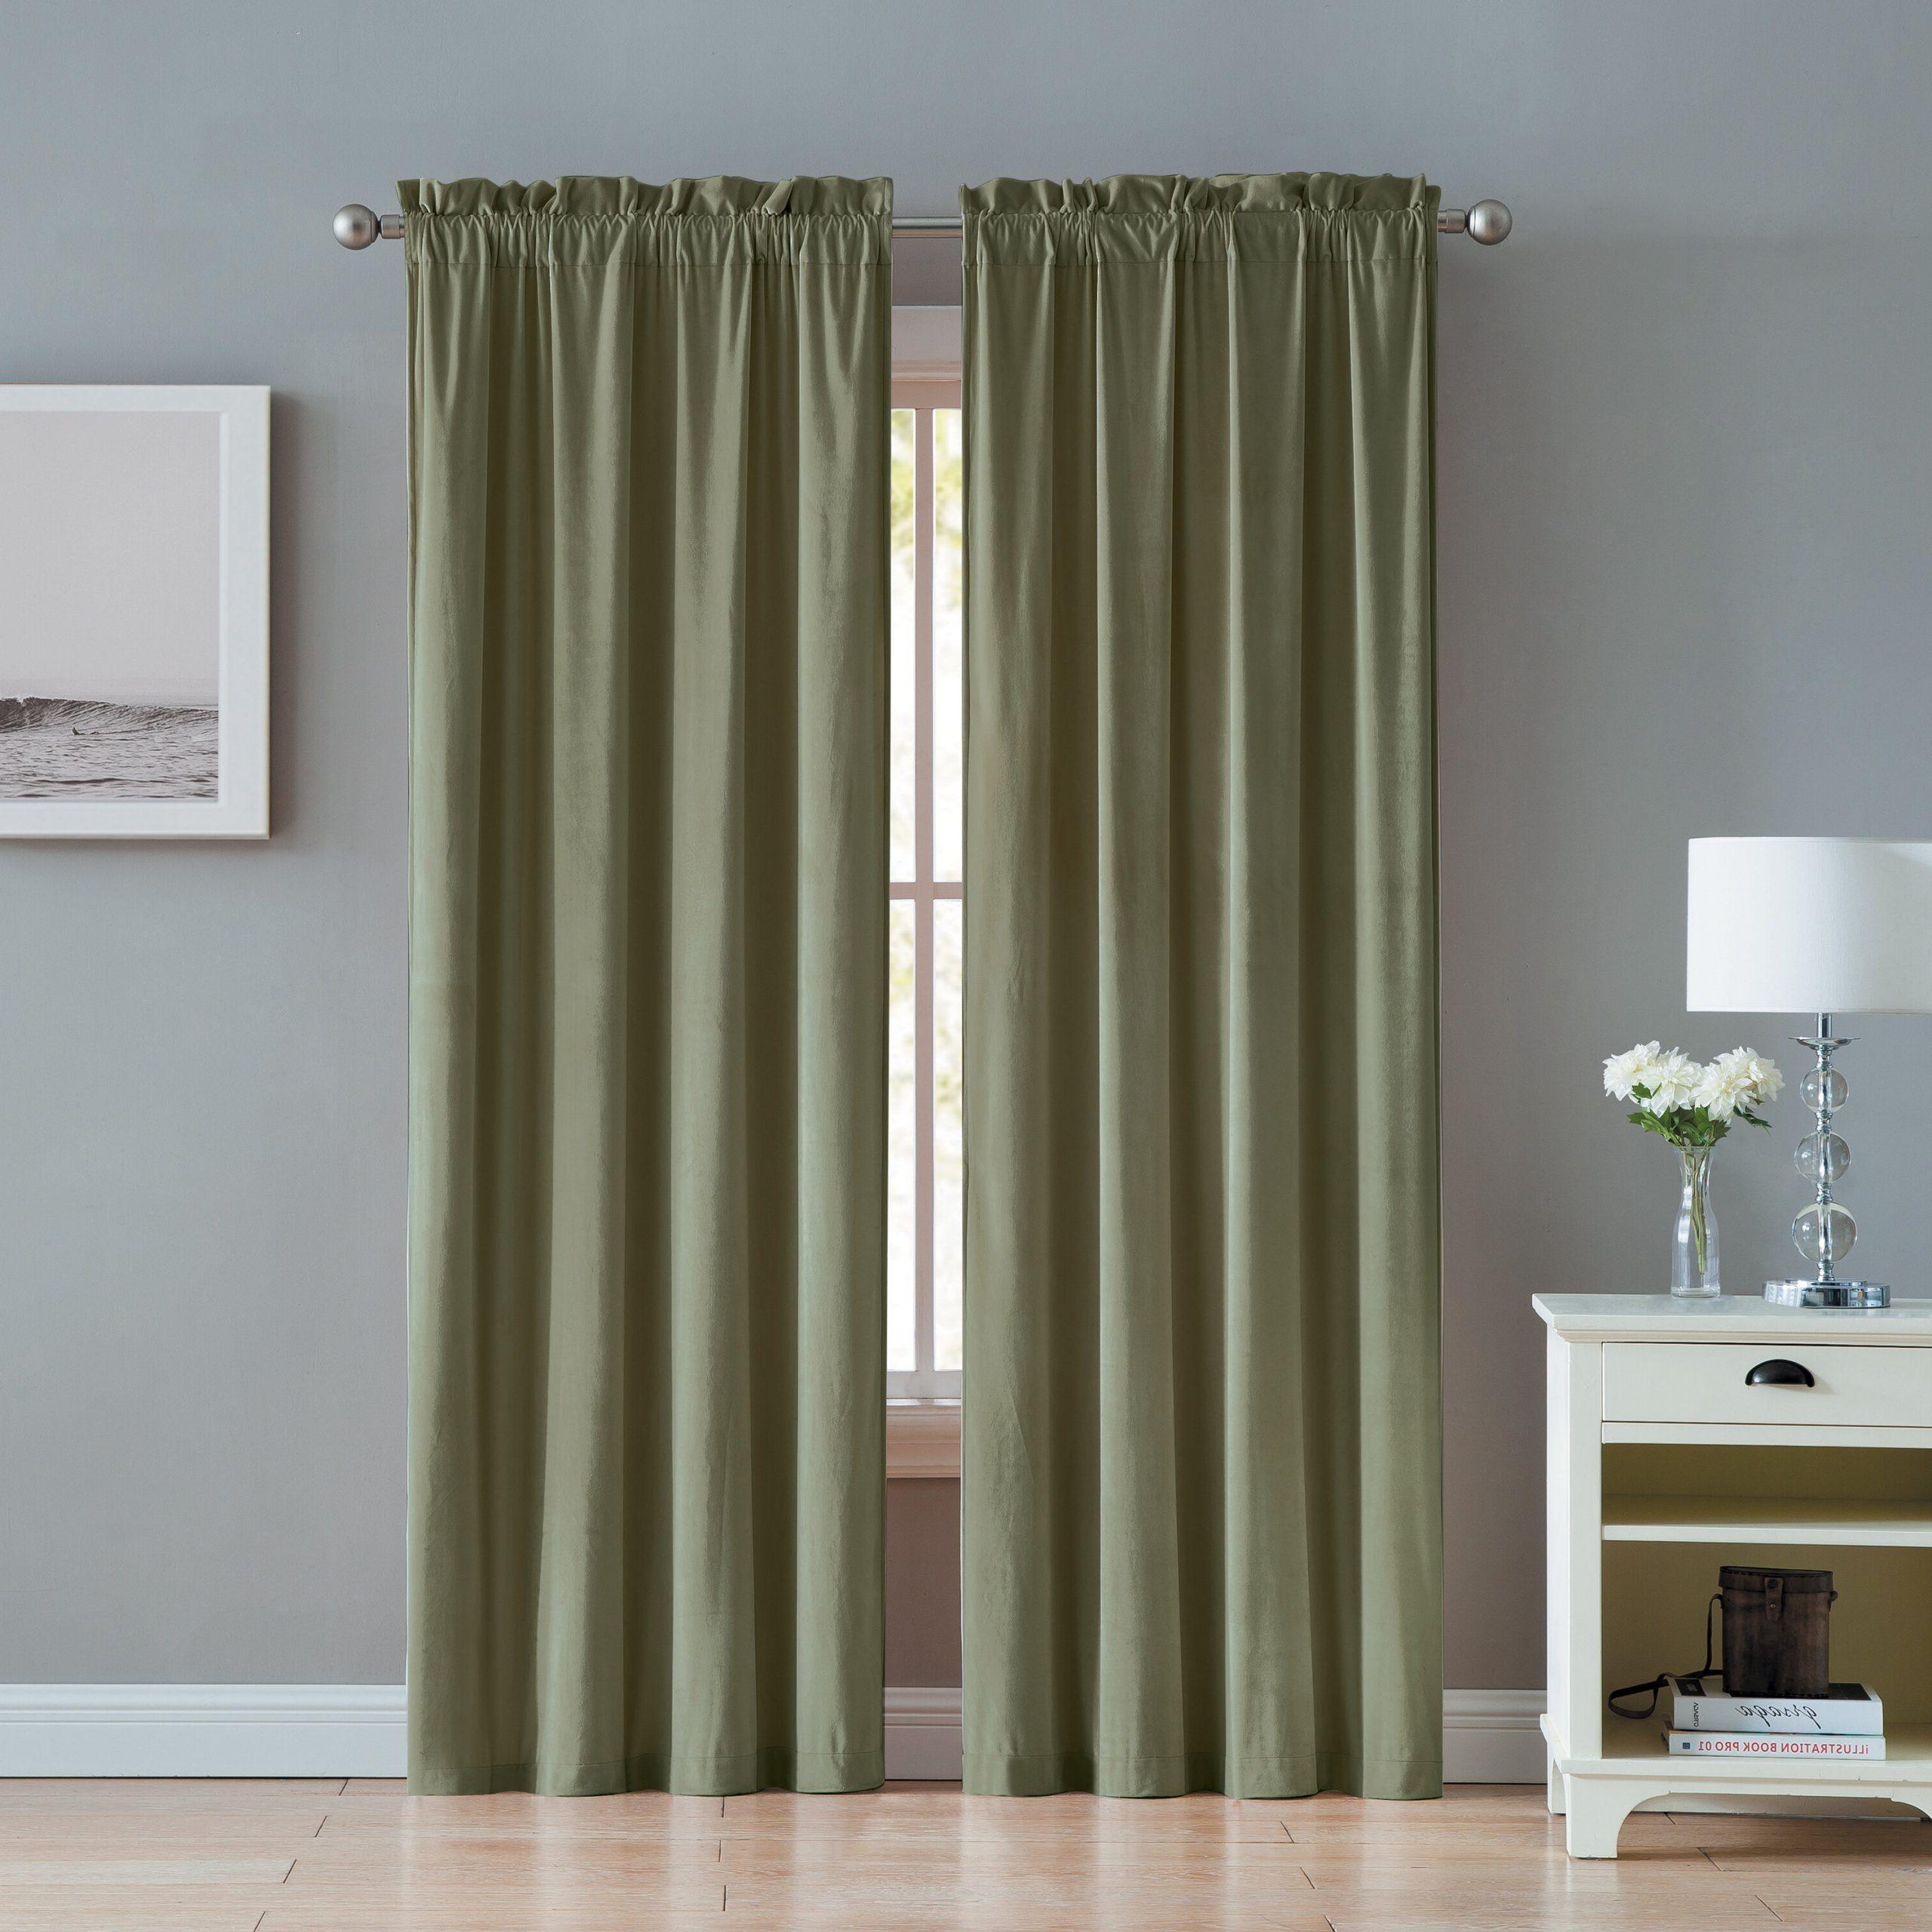 Judsonia Velvet Solid Room Darkening Rod Pocket Curtain Panels Intended For Newest Velvet Solid Room Darkening Window Curtain Panel Sets (View 11 of 20)